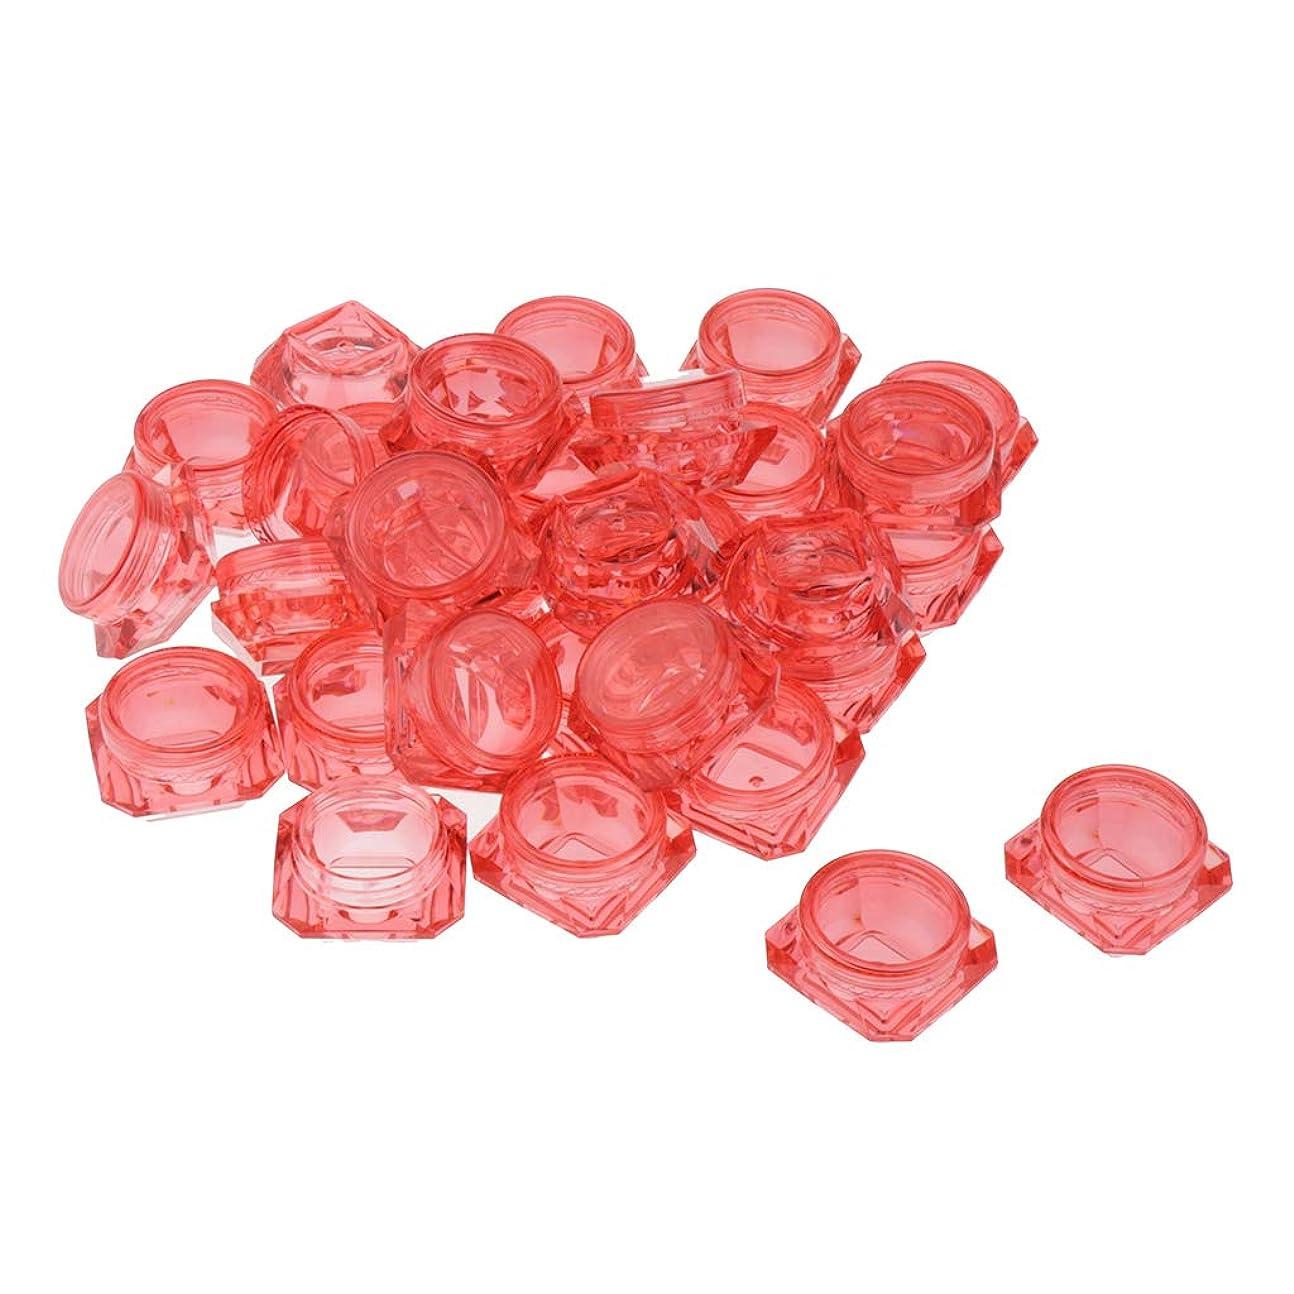 CUTICATE 丸ボトル 小分け容器 小分けボトル 詰め替えボトル 3g クリームケース 化粧品 携帯収納用 30個入 - 赤